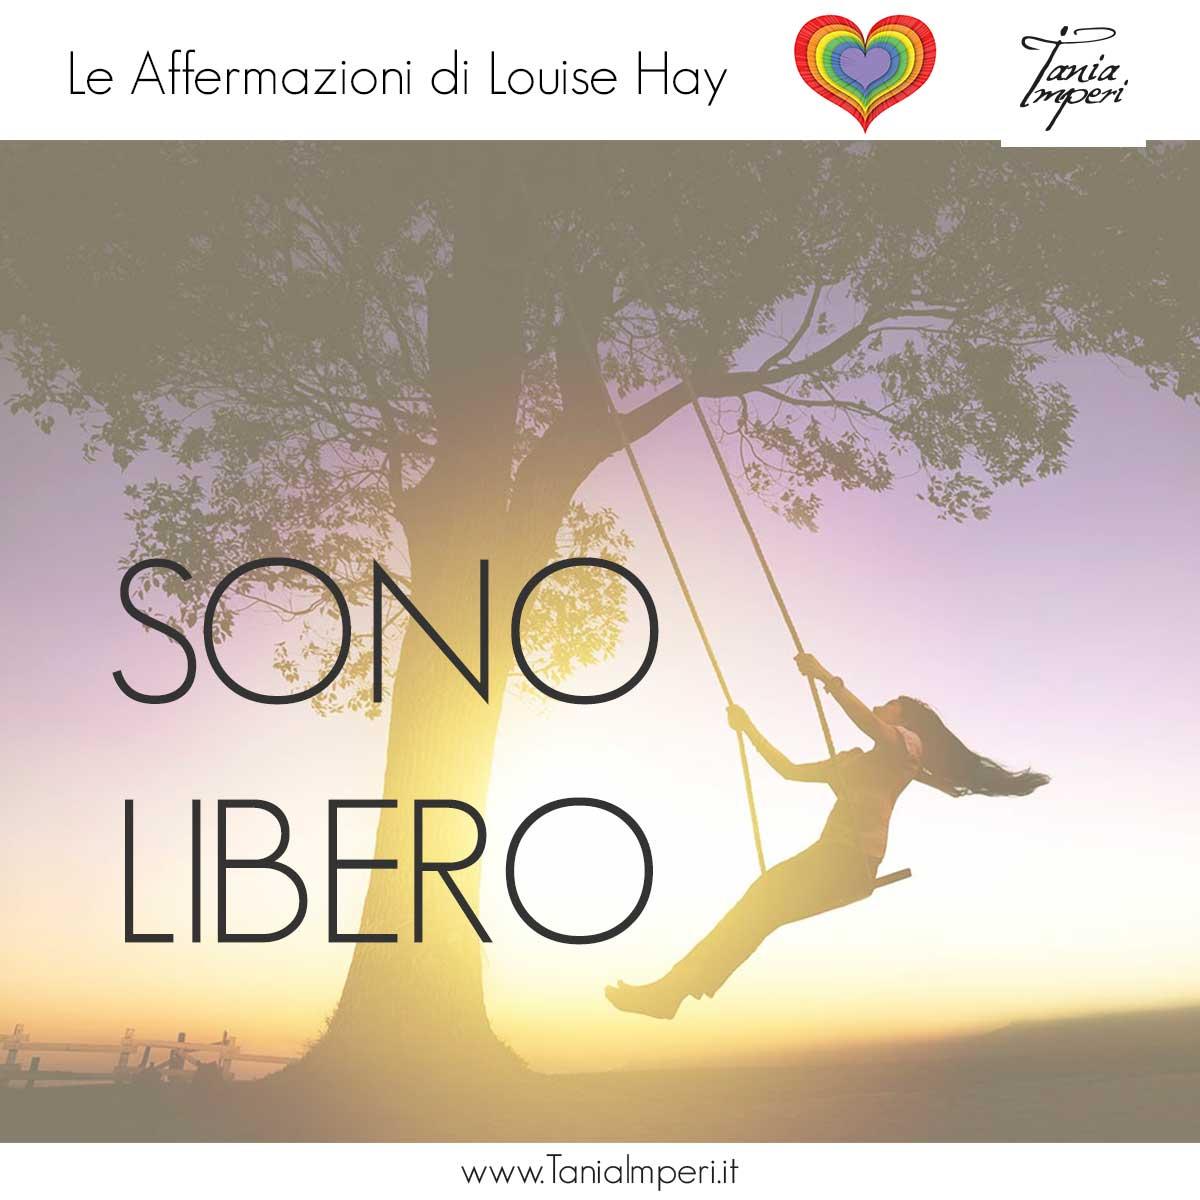 AFFERMAZIONI_LOUISE_HAY_TANIA_IMPERI_33_SONO_LIBERO-14AGO2017